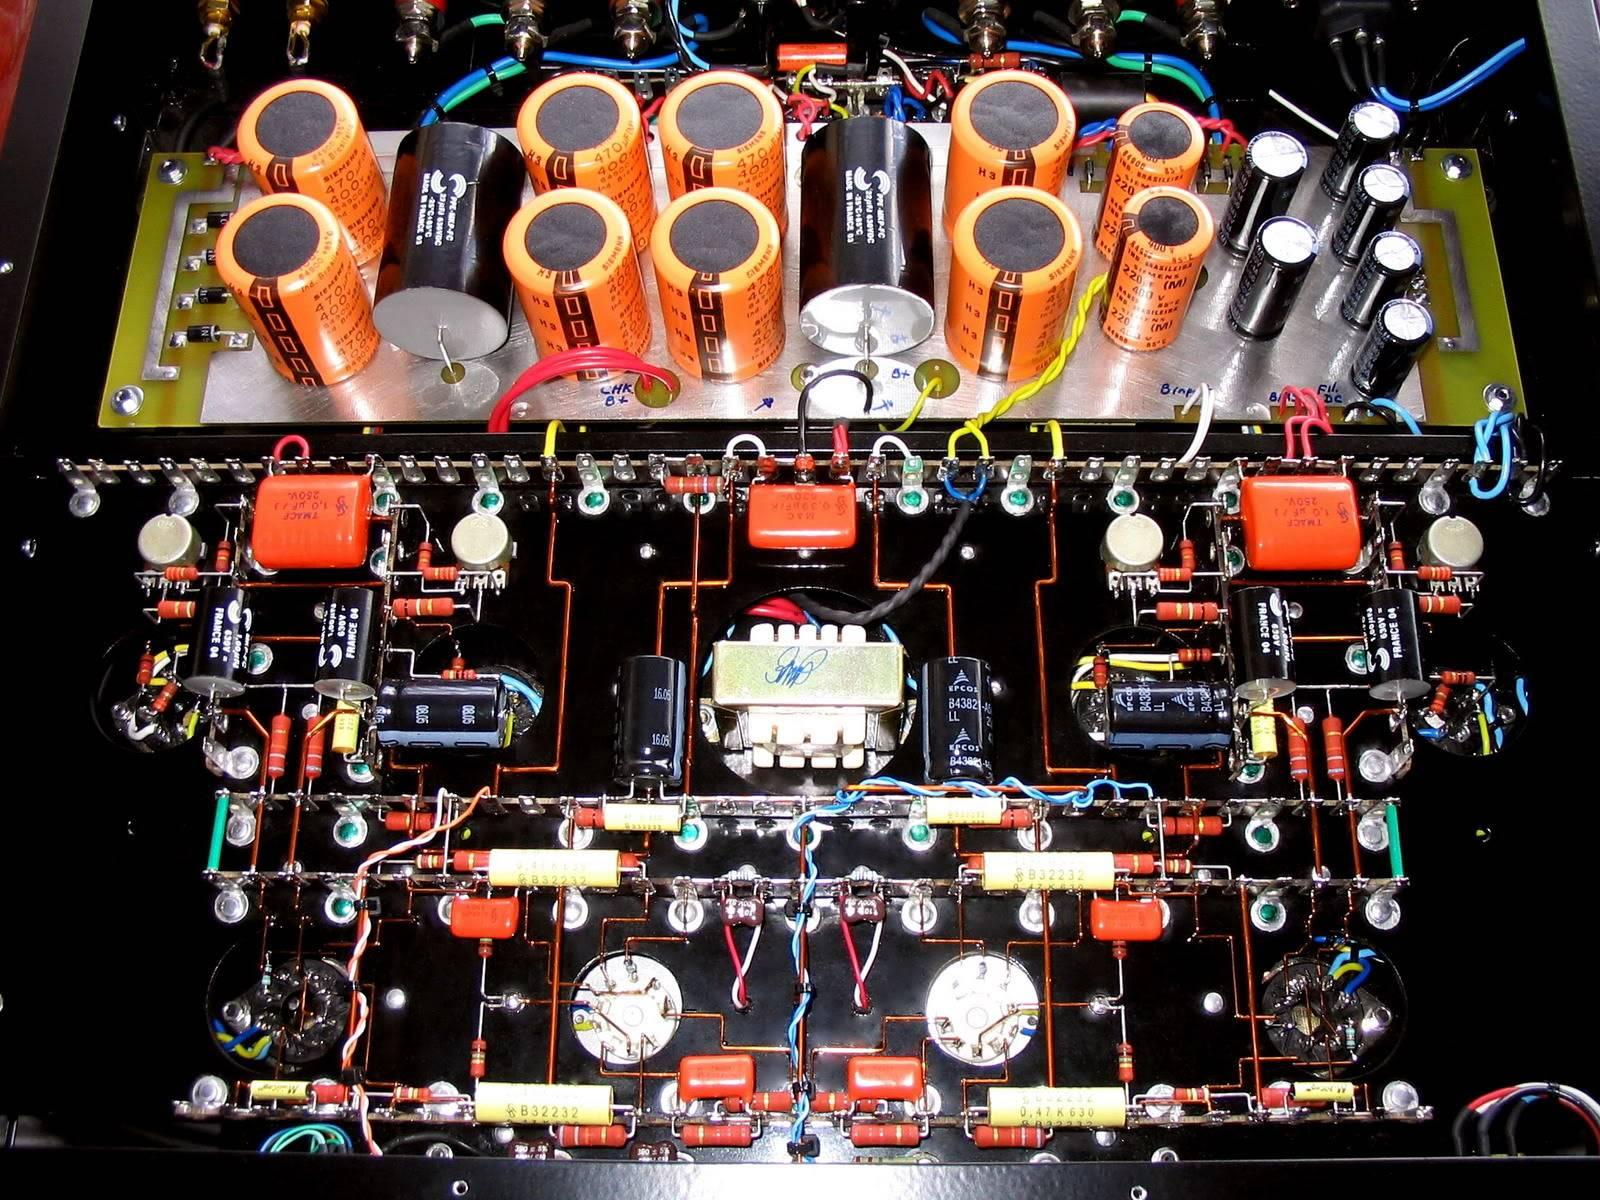 Amps a válvulas chineses: opiniões? - Página 3 VTR_RW_2x60_c